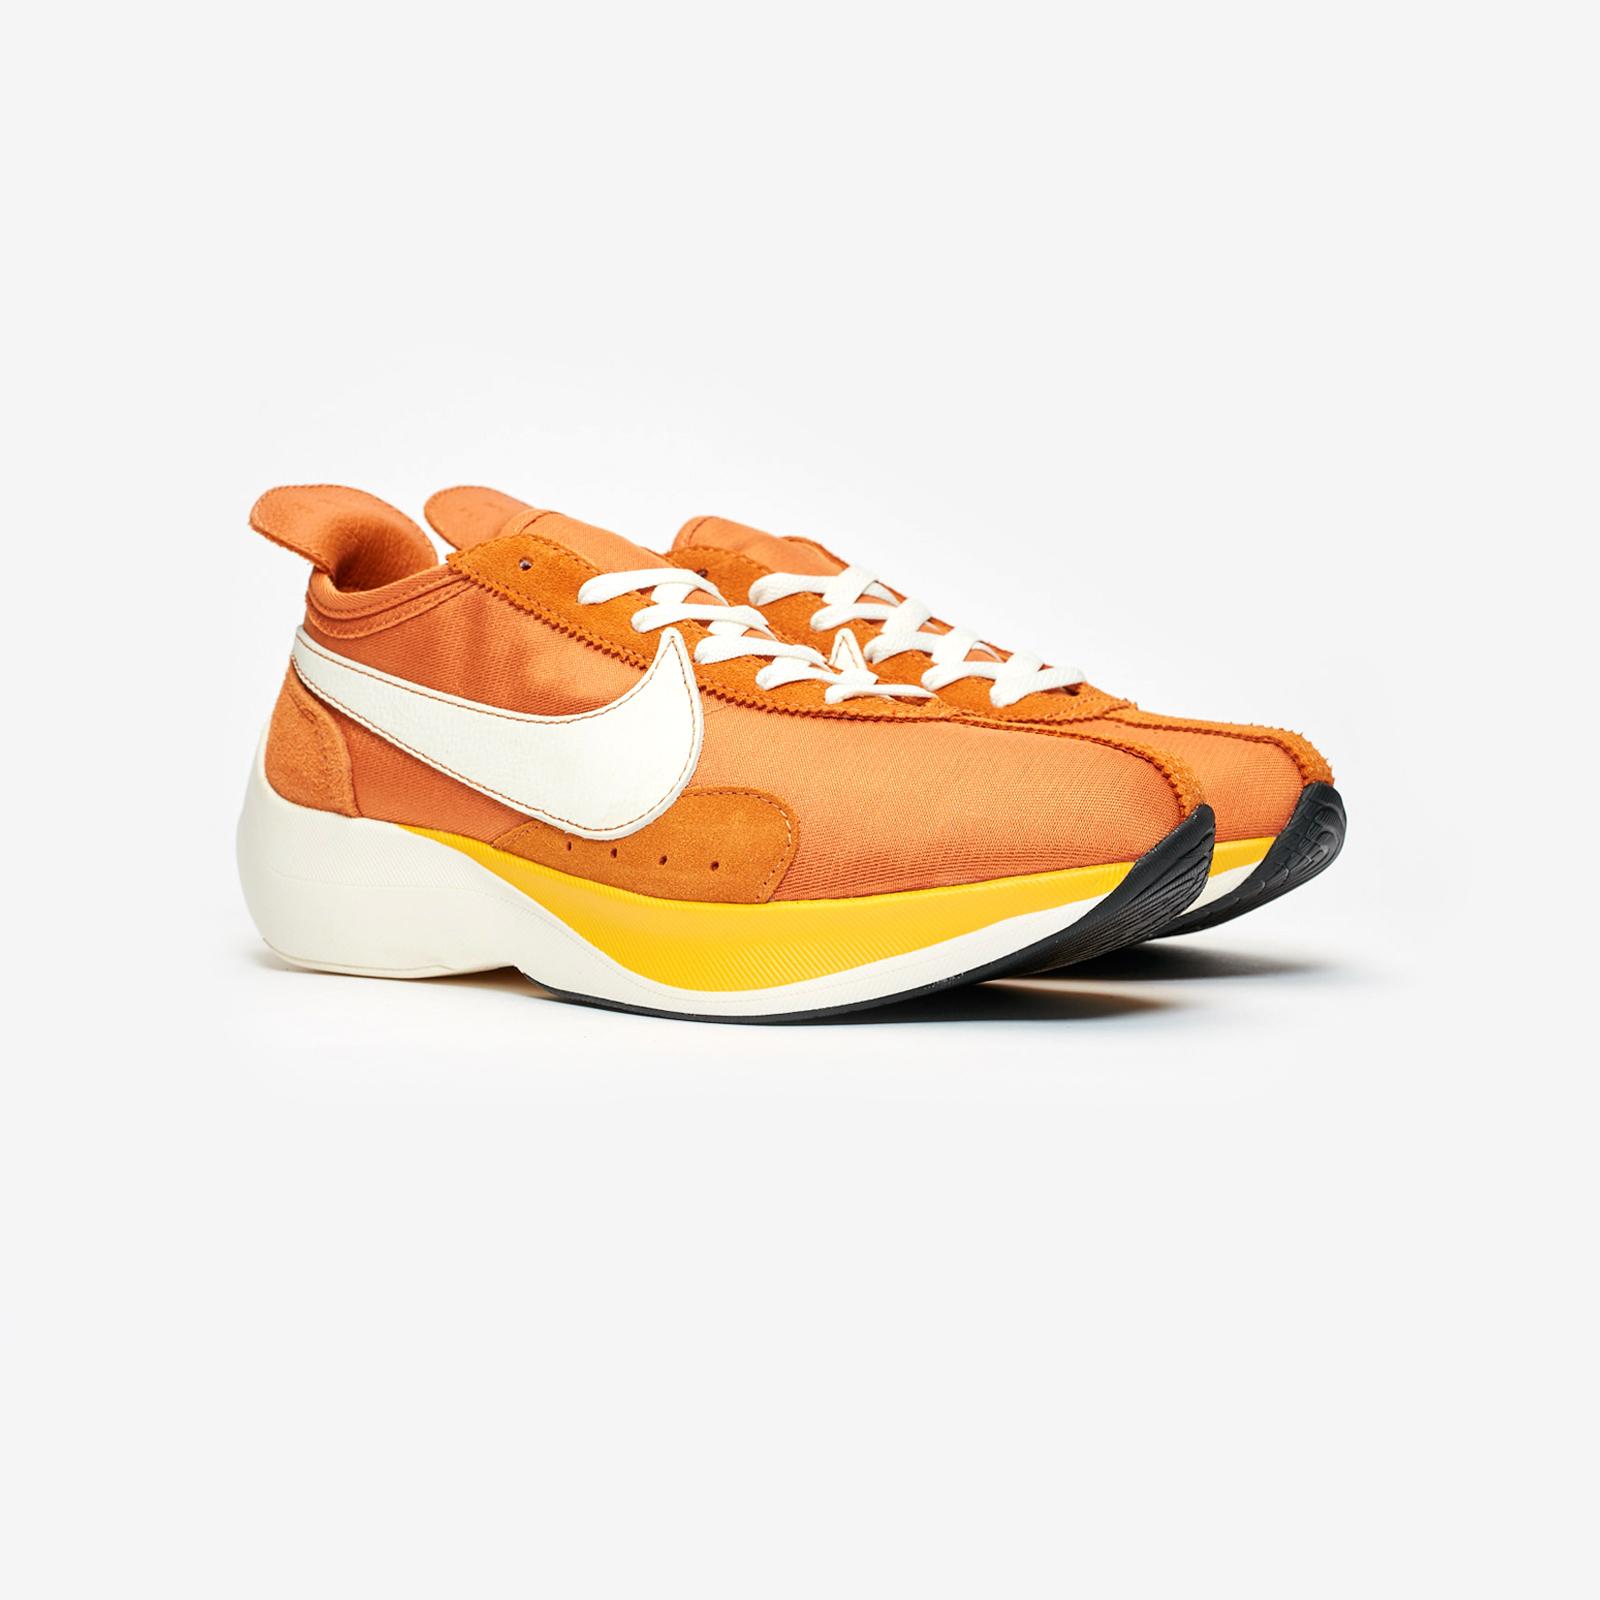 Nike Moon Racer QS - Bv7779-800